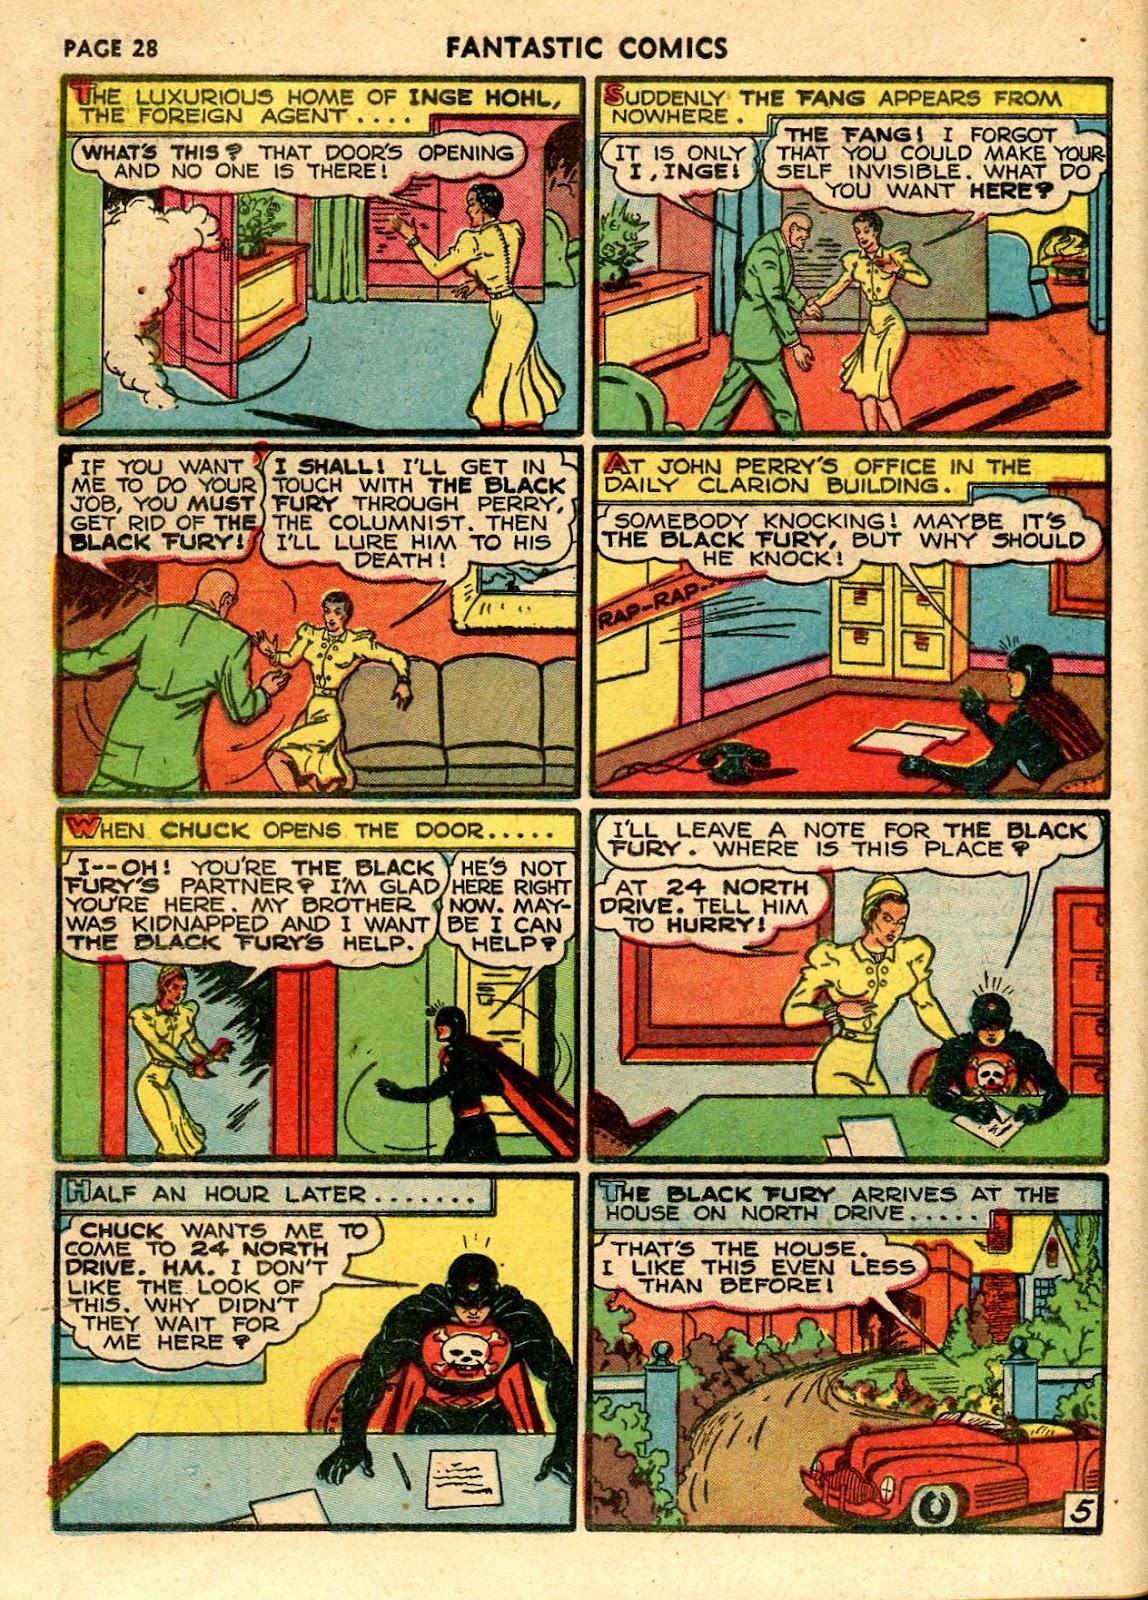 Read online Fantastic Comics comic -  Issue #21 - 30